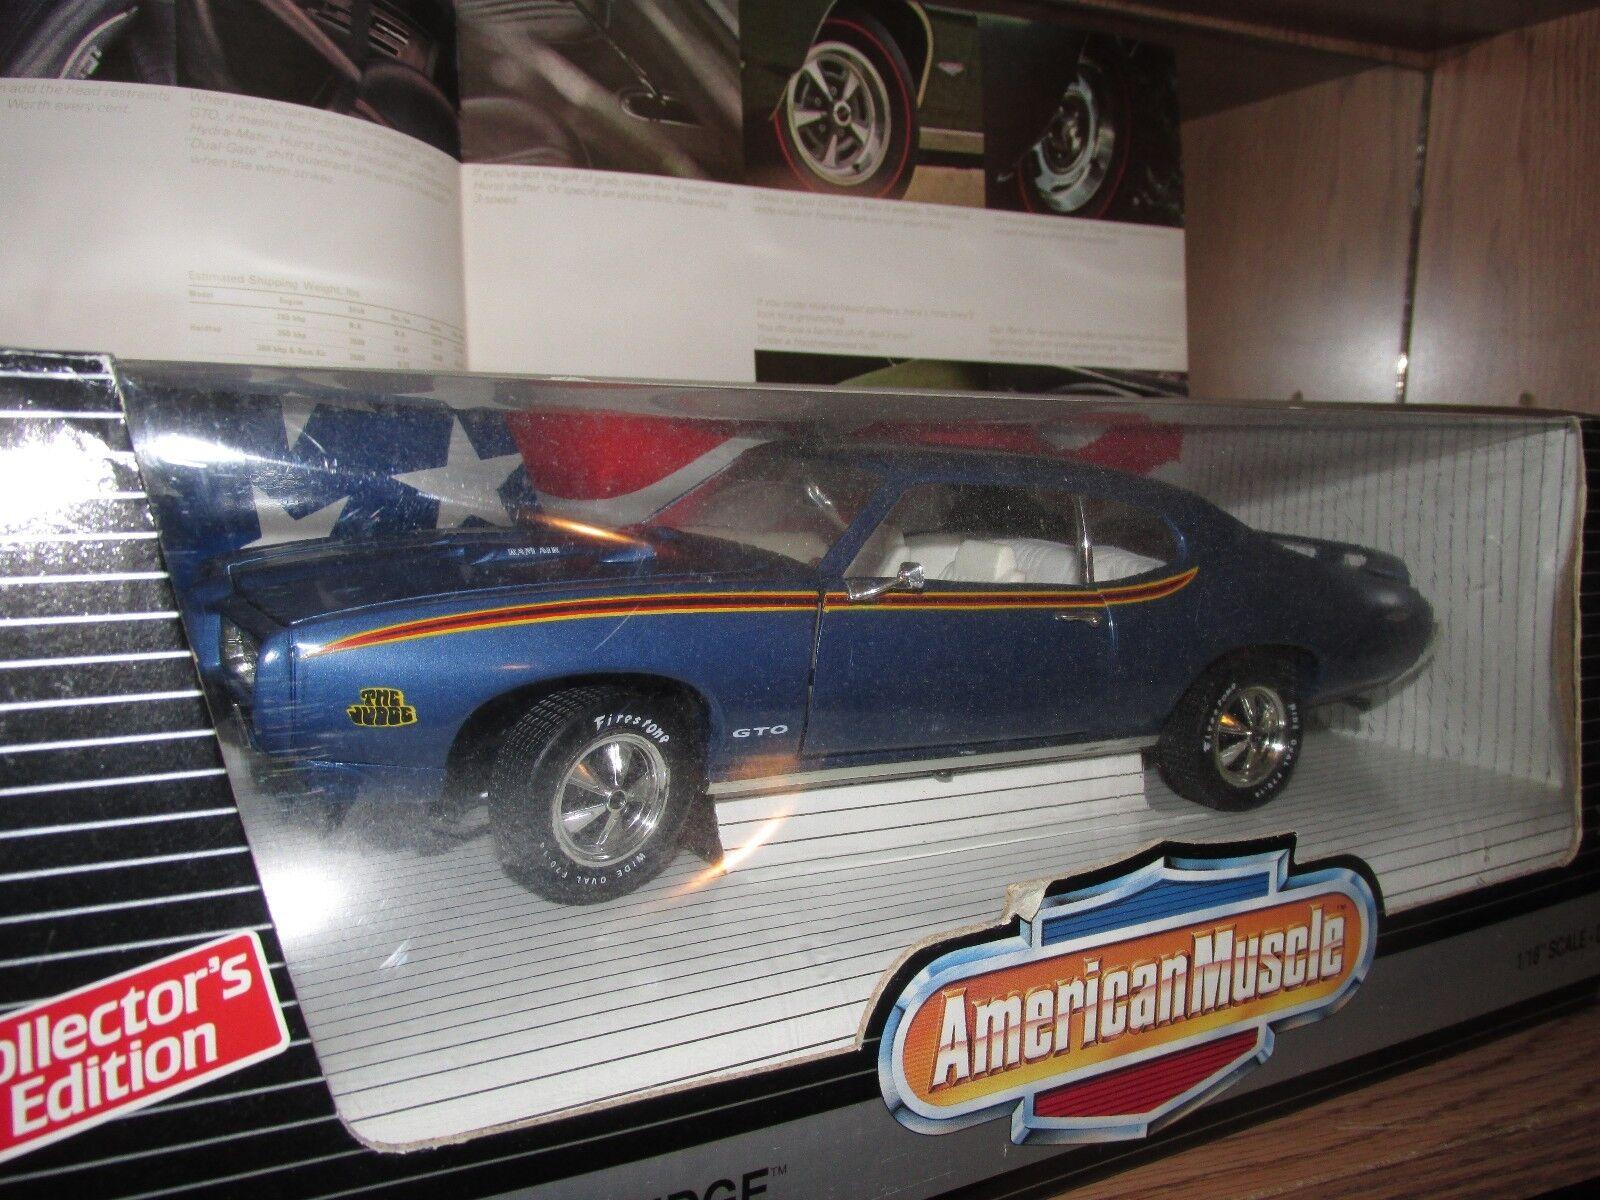 1969 Pontiac Gto blu Edición 1996 edición limitada de 1 18 69 juez Cabra